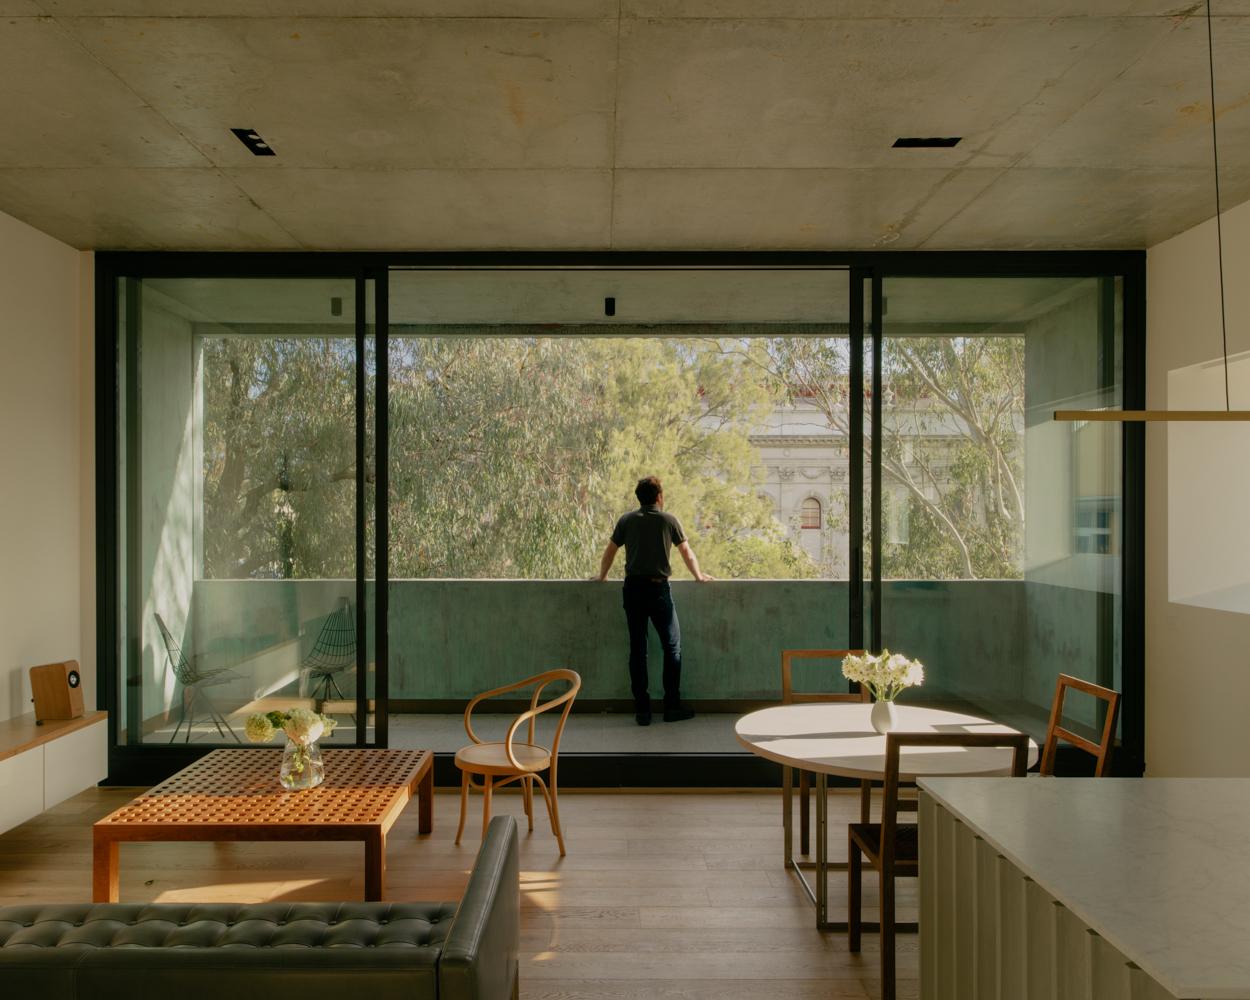 Melbourne architecture and design